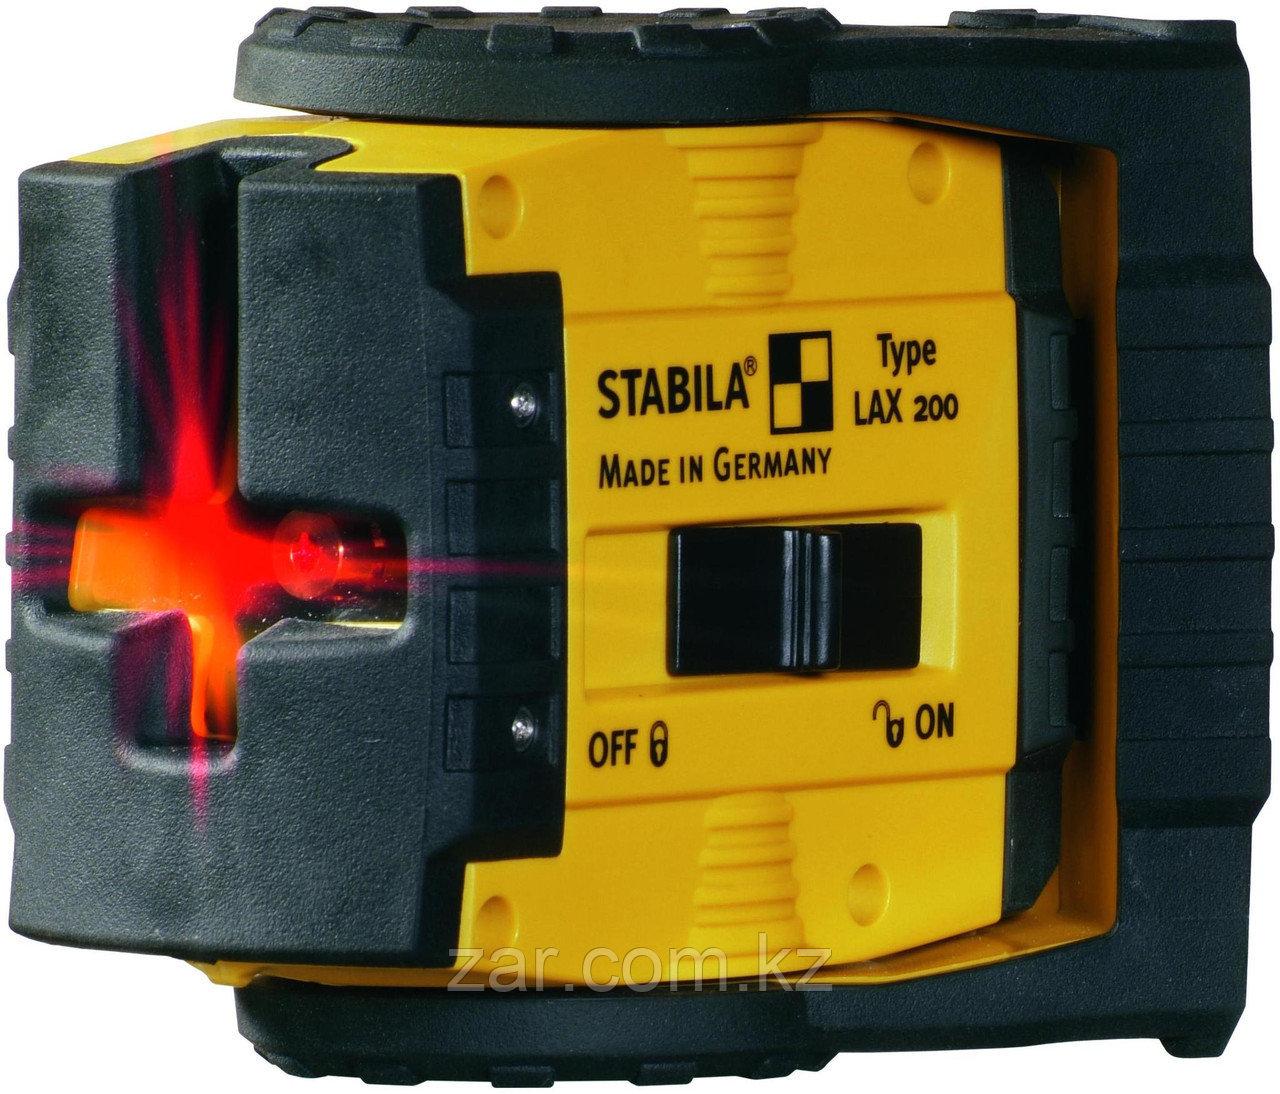 Нивелир лазерный линейный Stabila LAX 200 Set